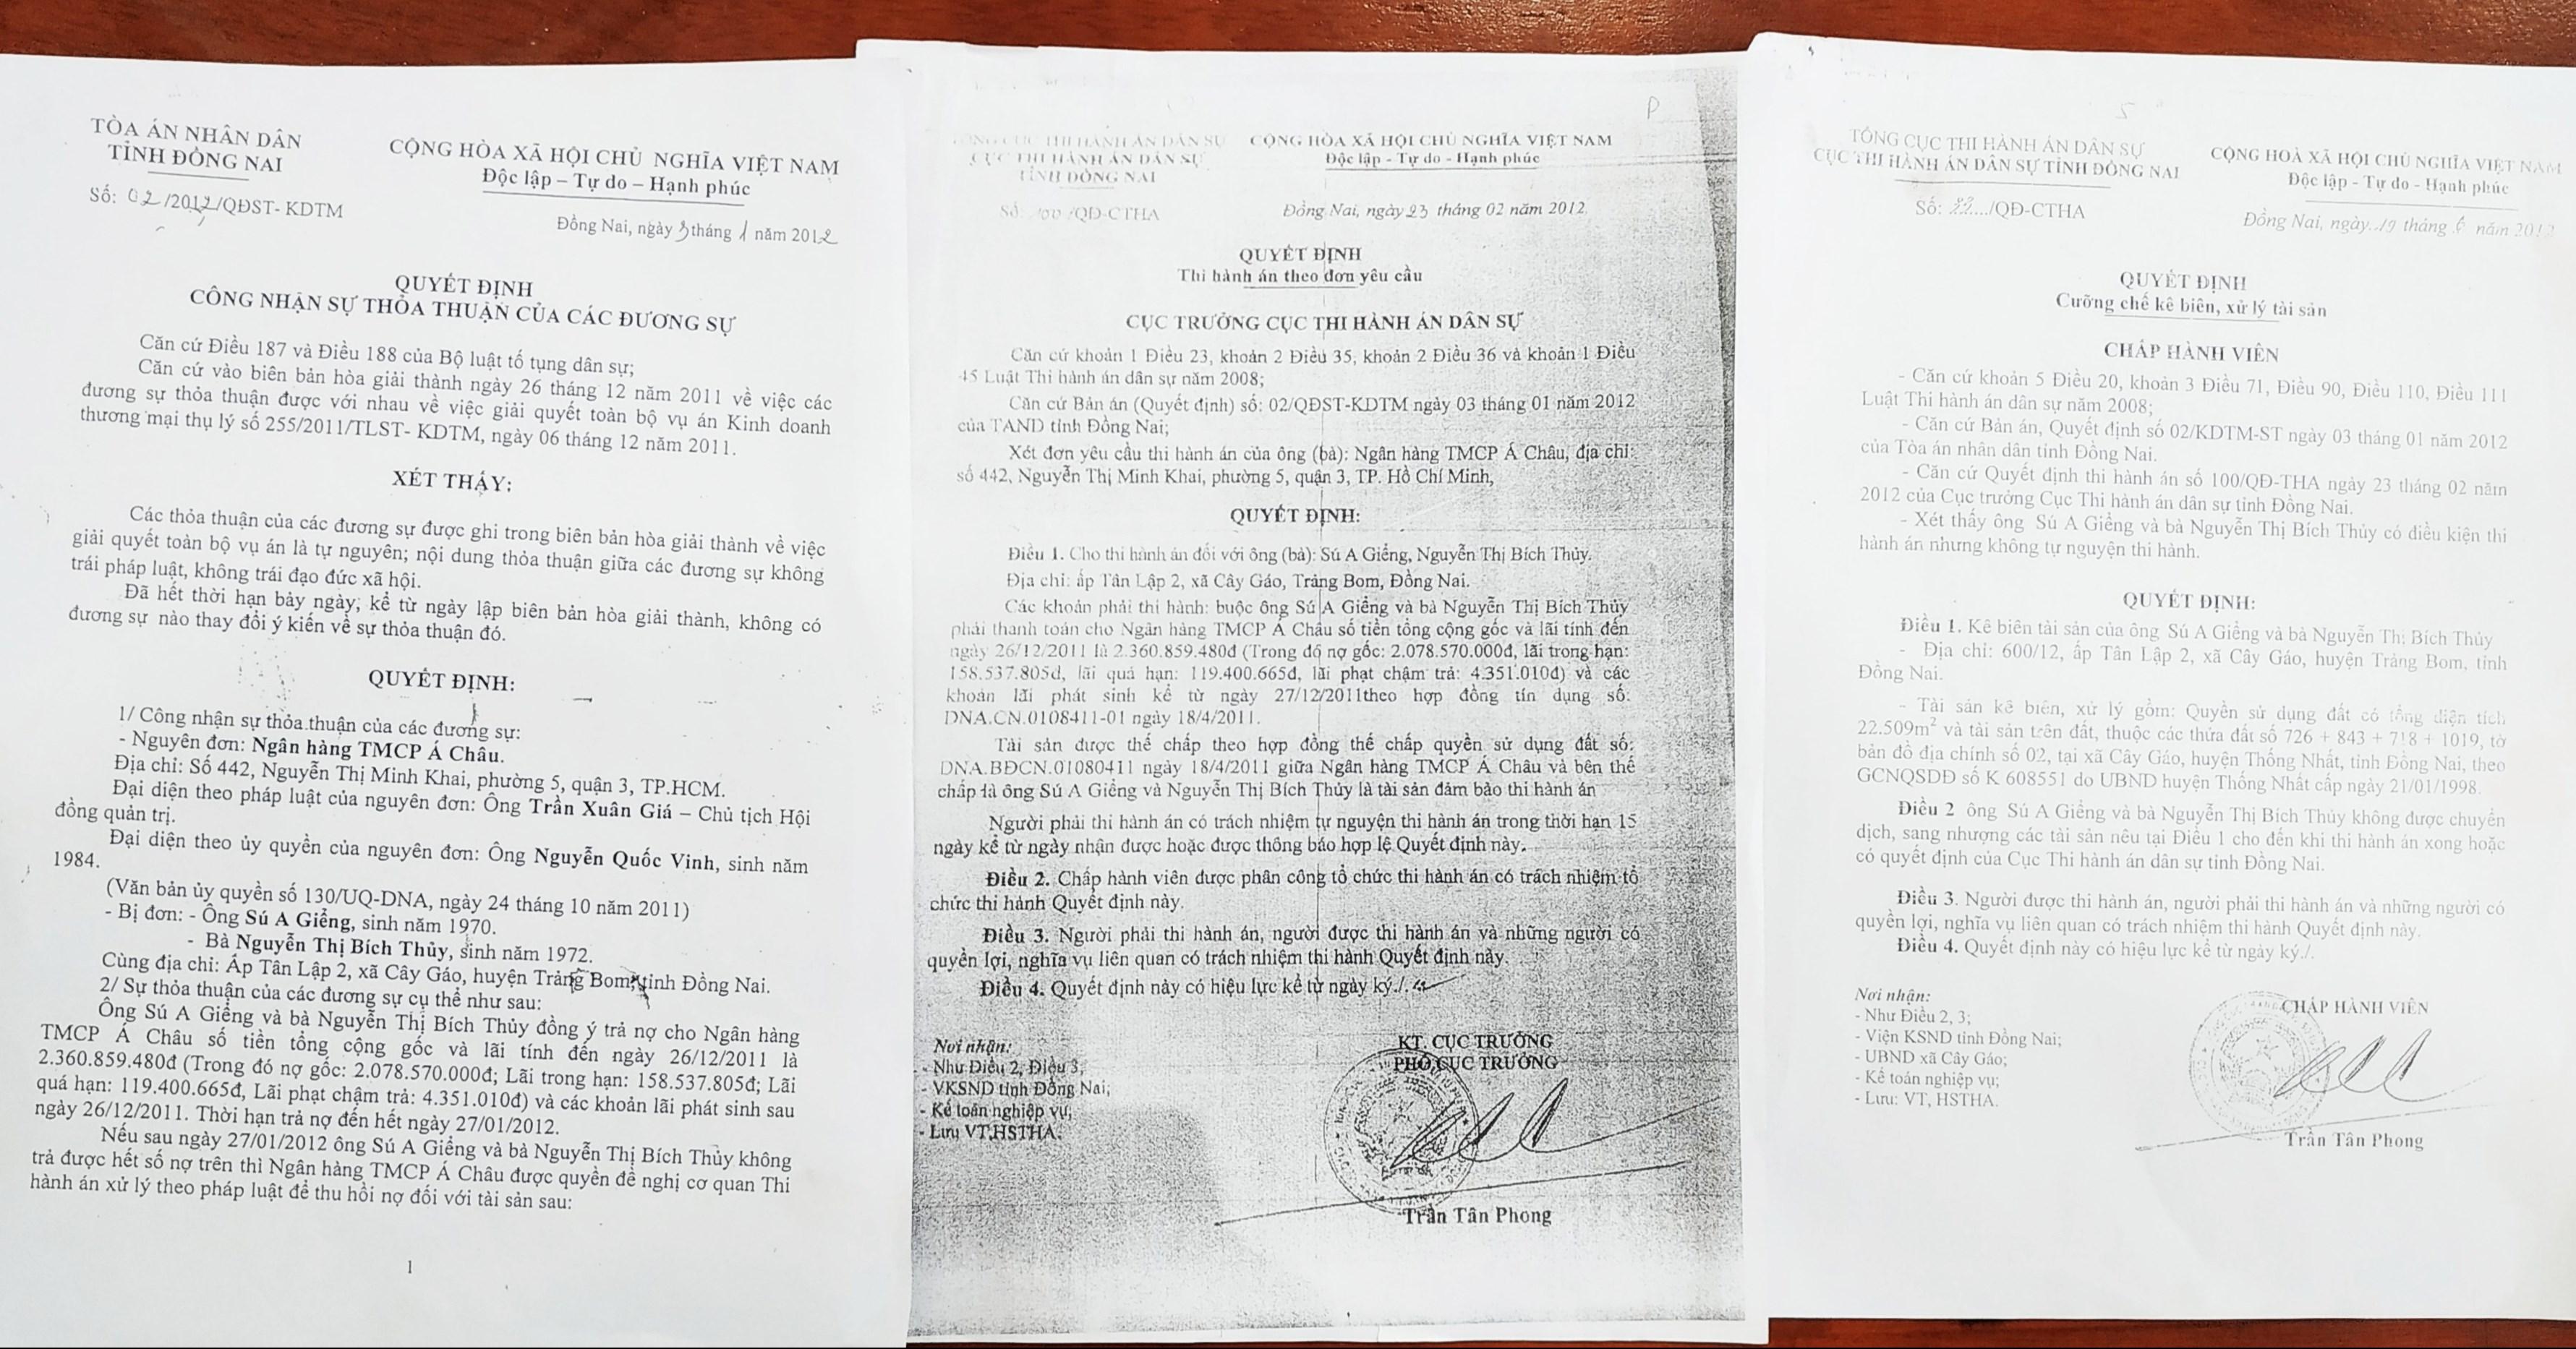 Các văn bản quyết định của TAND tỉnh Đồng Nai và Cục THADS tỉnh về vụ việc